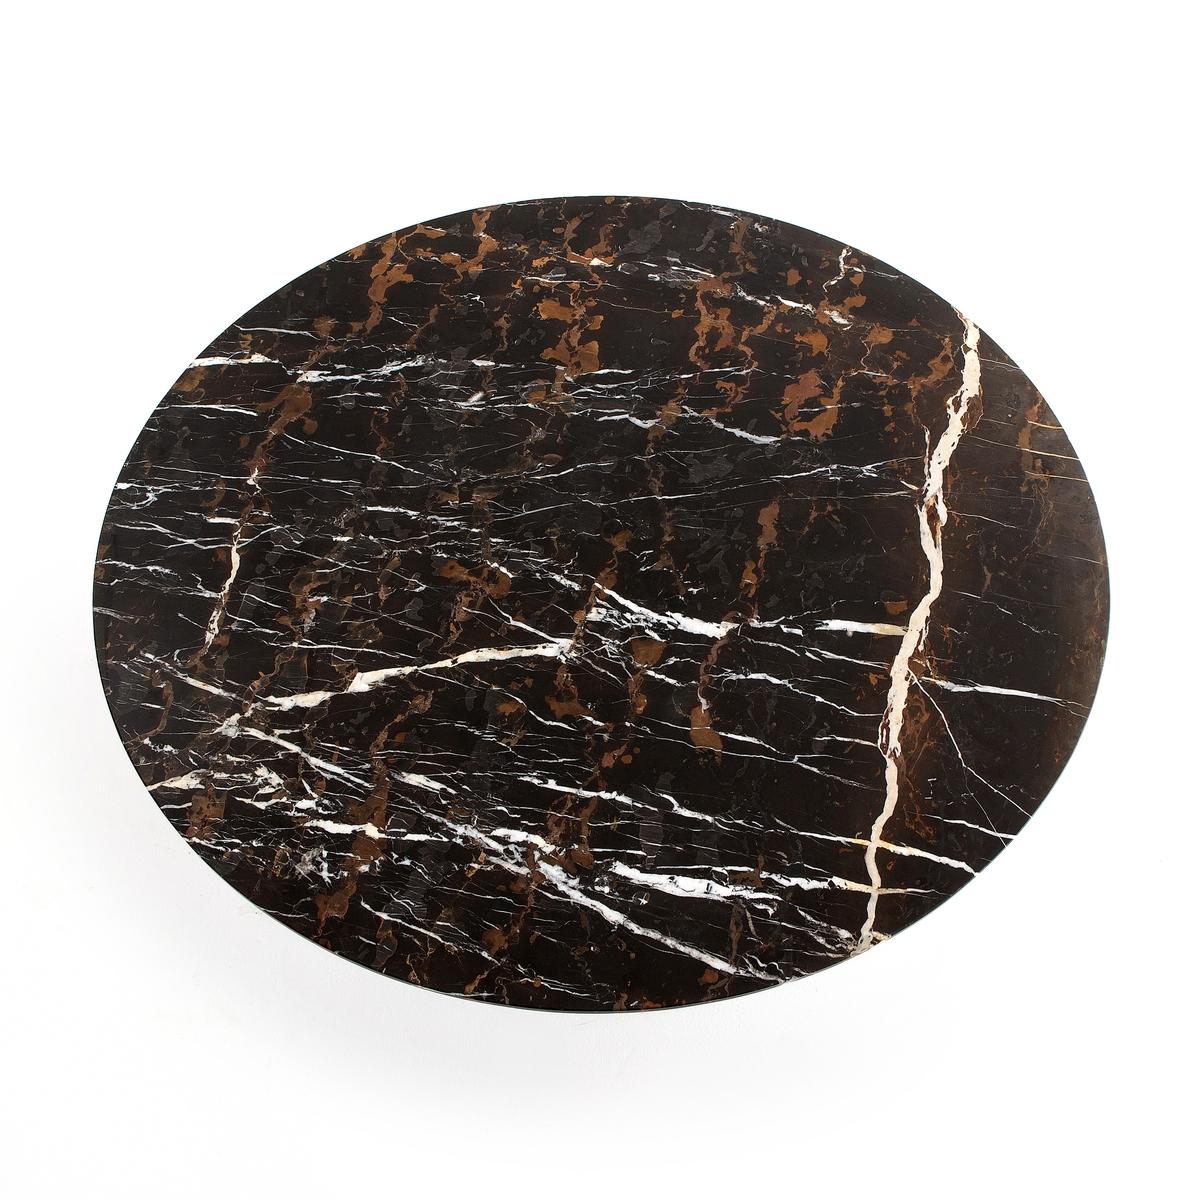 Столешница из мрамора янтарного цвета, Ø120 см, Aradan